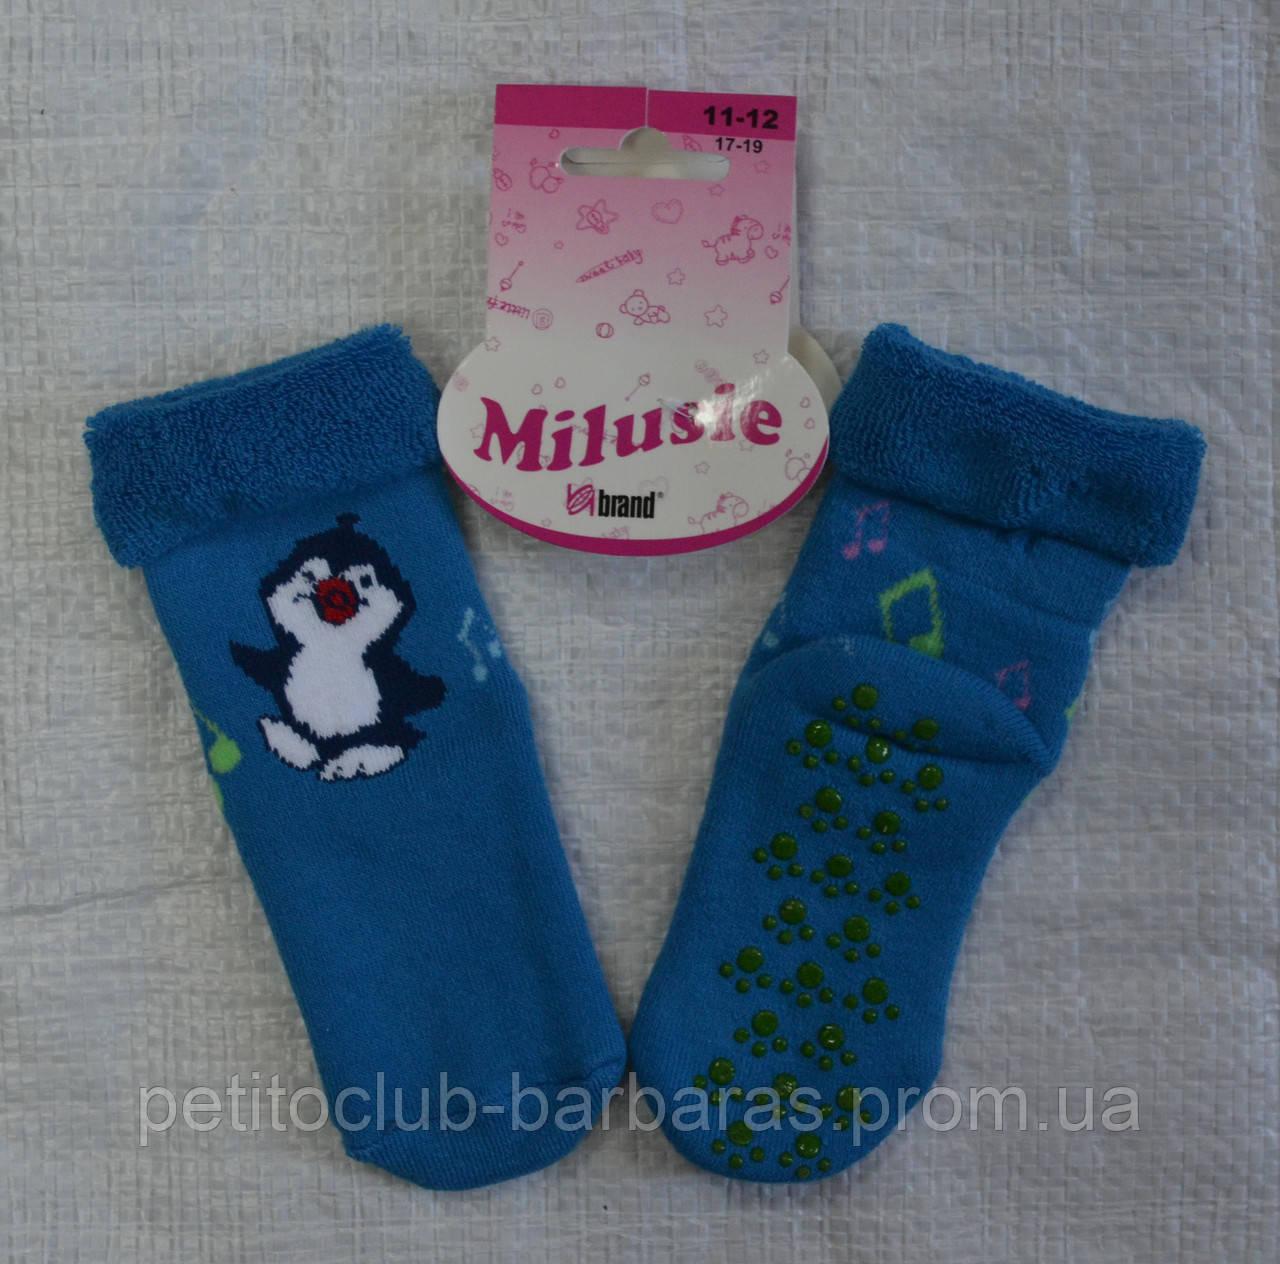 Шкарпетки махрові для новонароджених Пінгвін з ABS гальмами р. 11-12 (Brand, Польща)